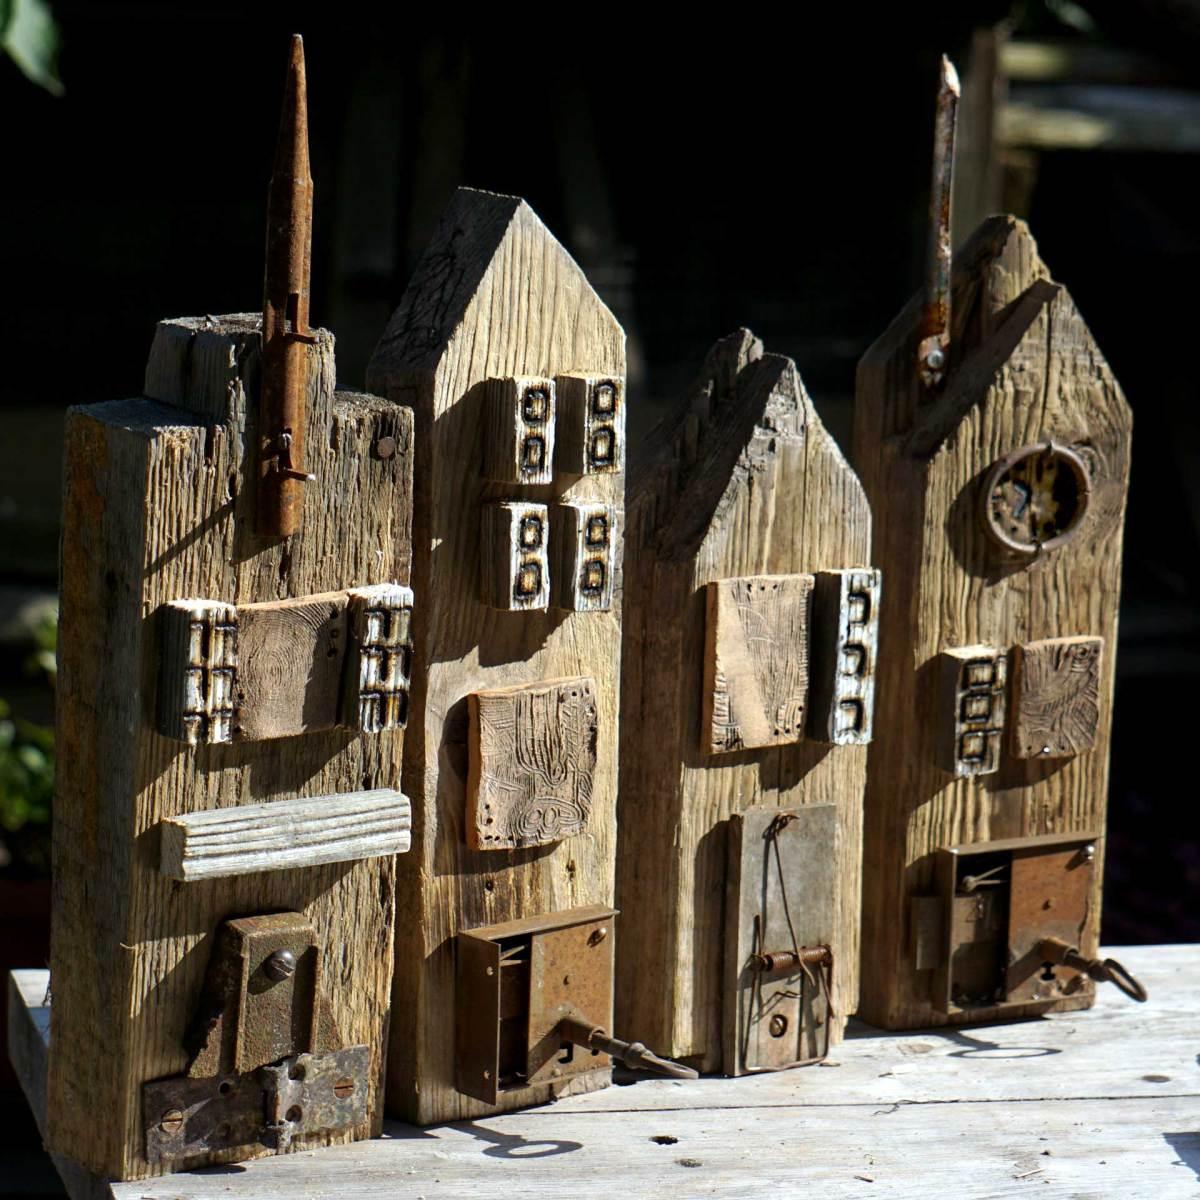 Gartendekoration, absolut diebstahlsicher!